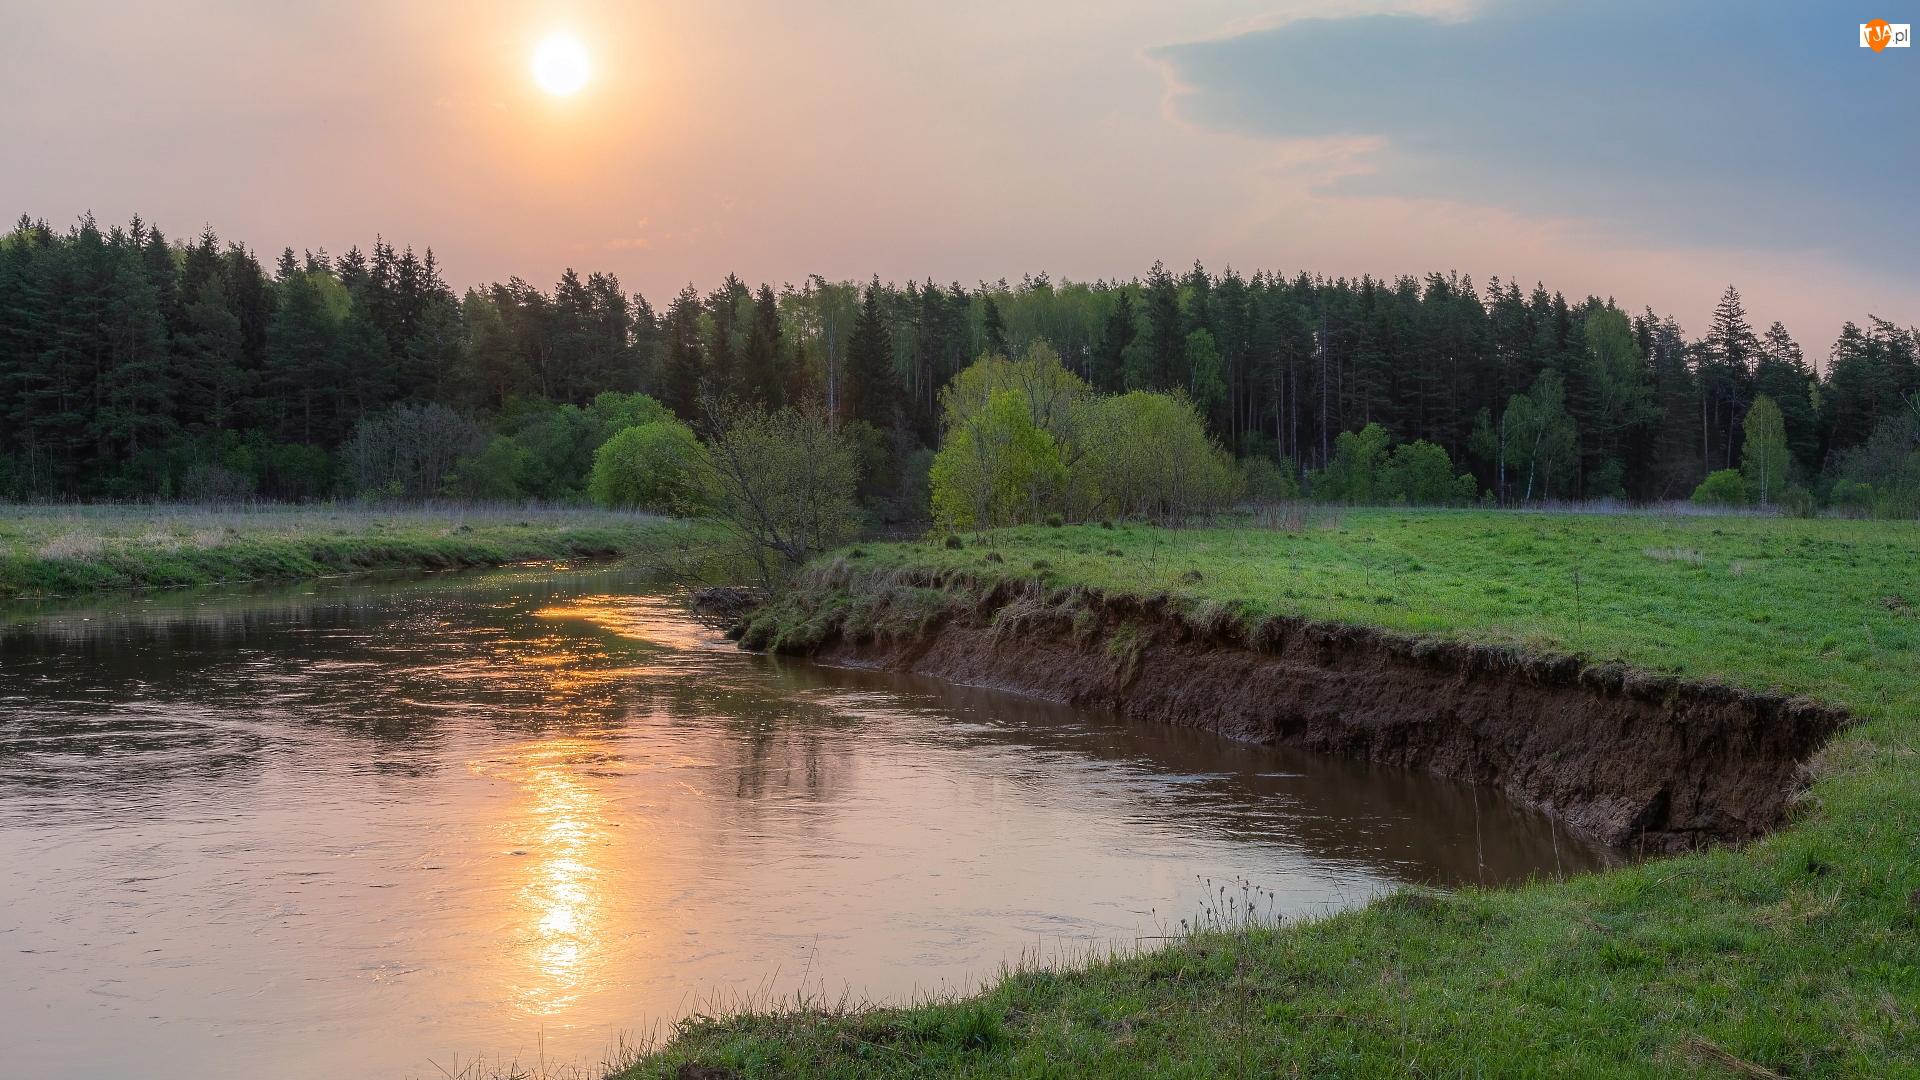 Zachód słońca, Rzeka, Las, Drzewa